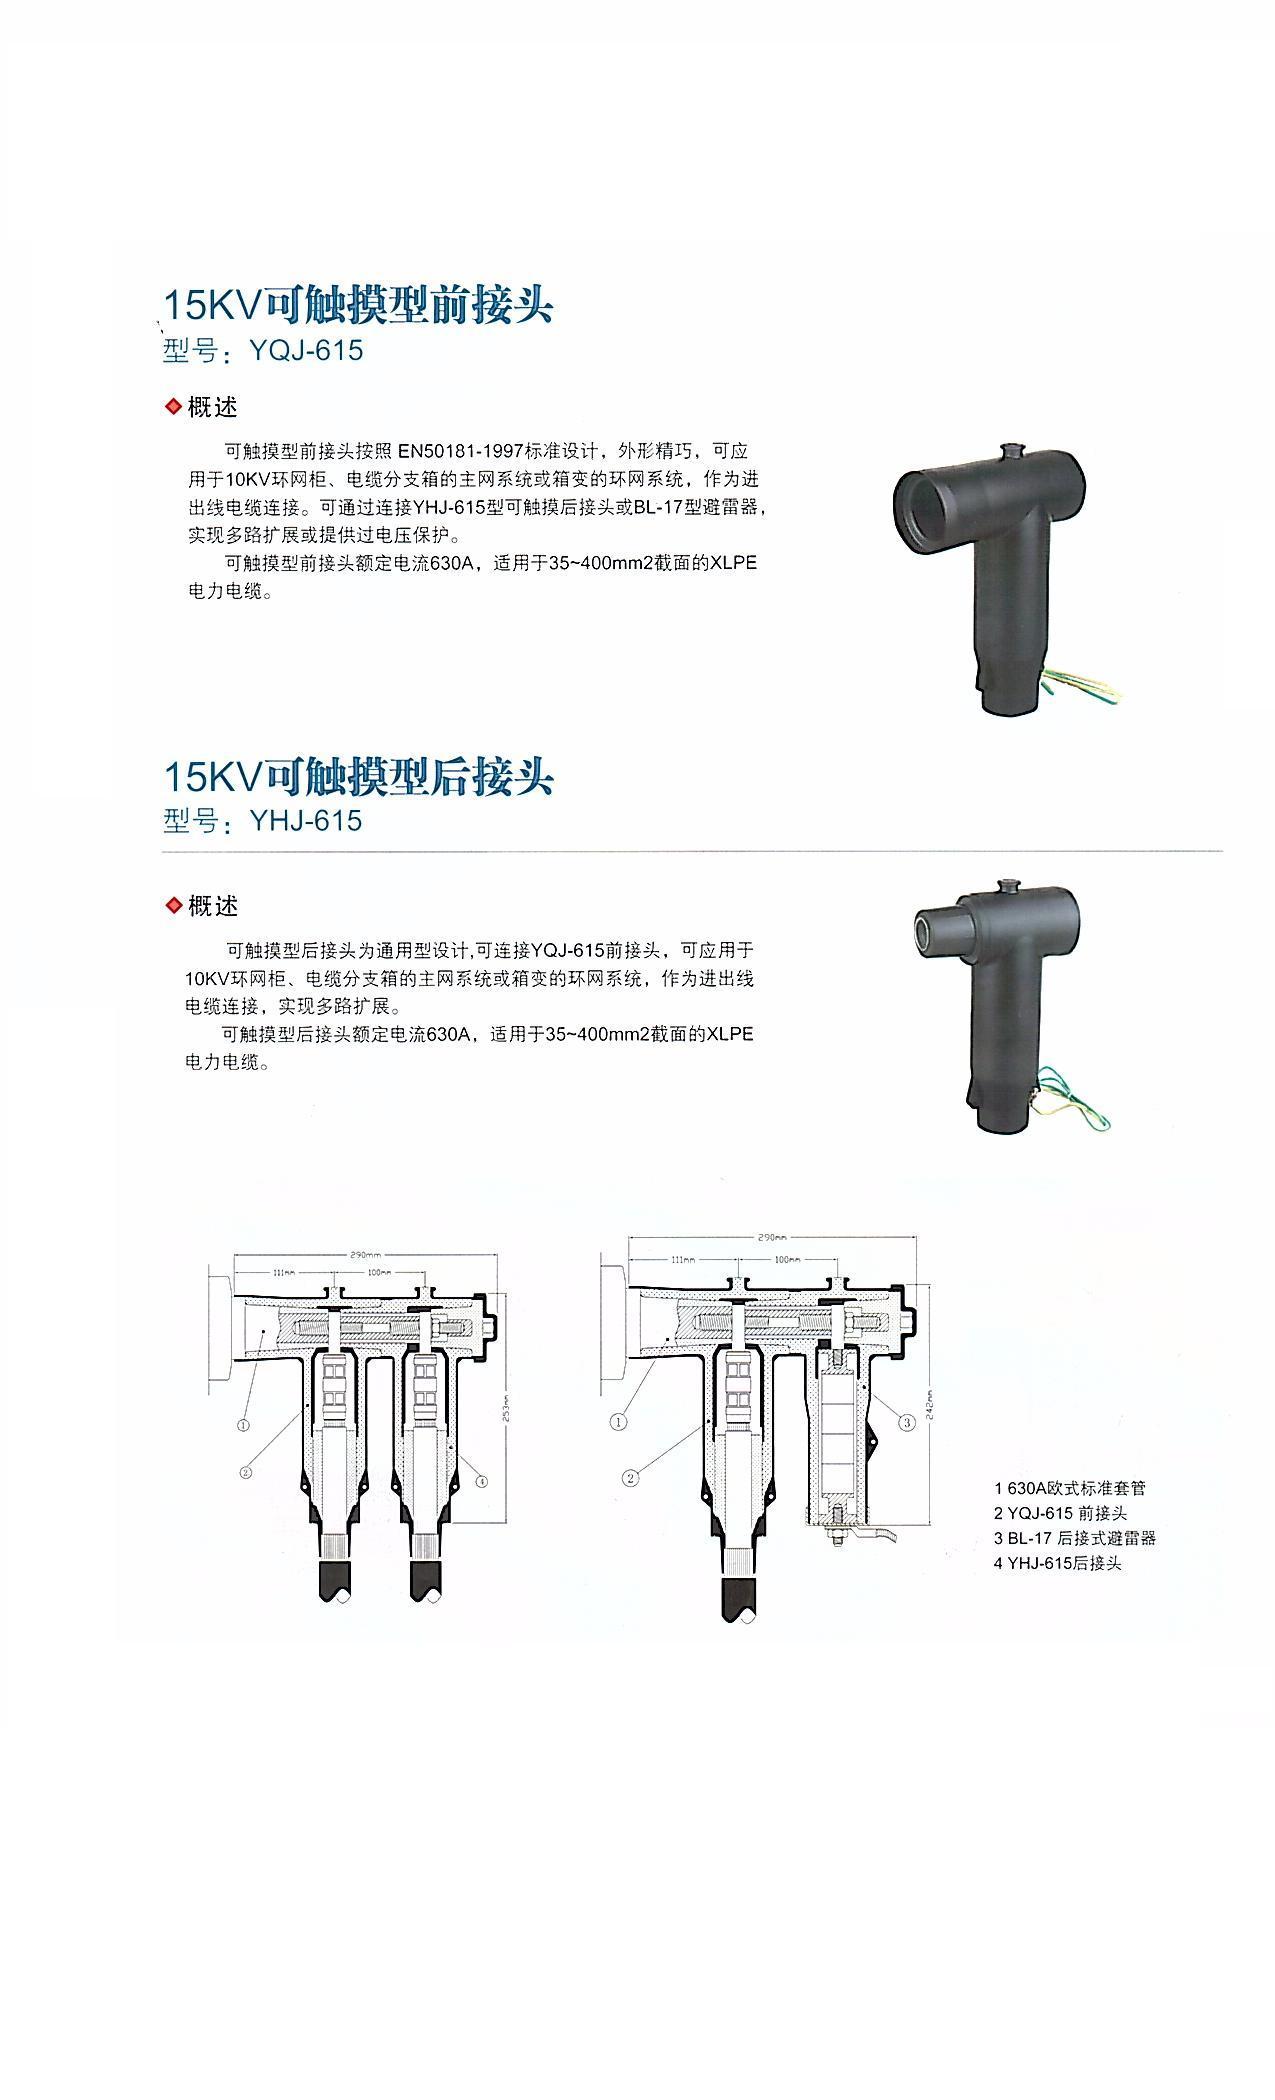 供应24kv后接式避雷器 供应630a24kv欧式后接避雷器,电缆分支箱 供应6